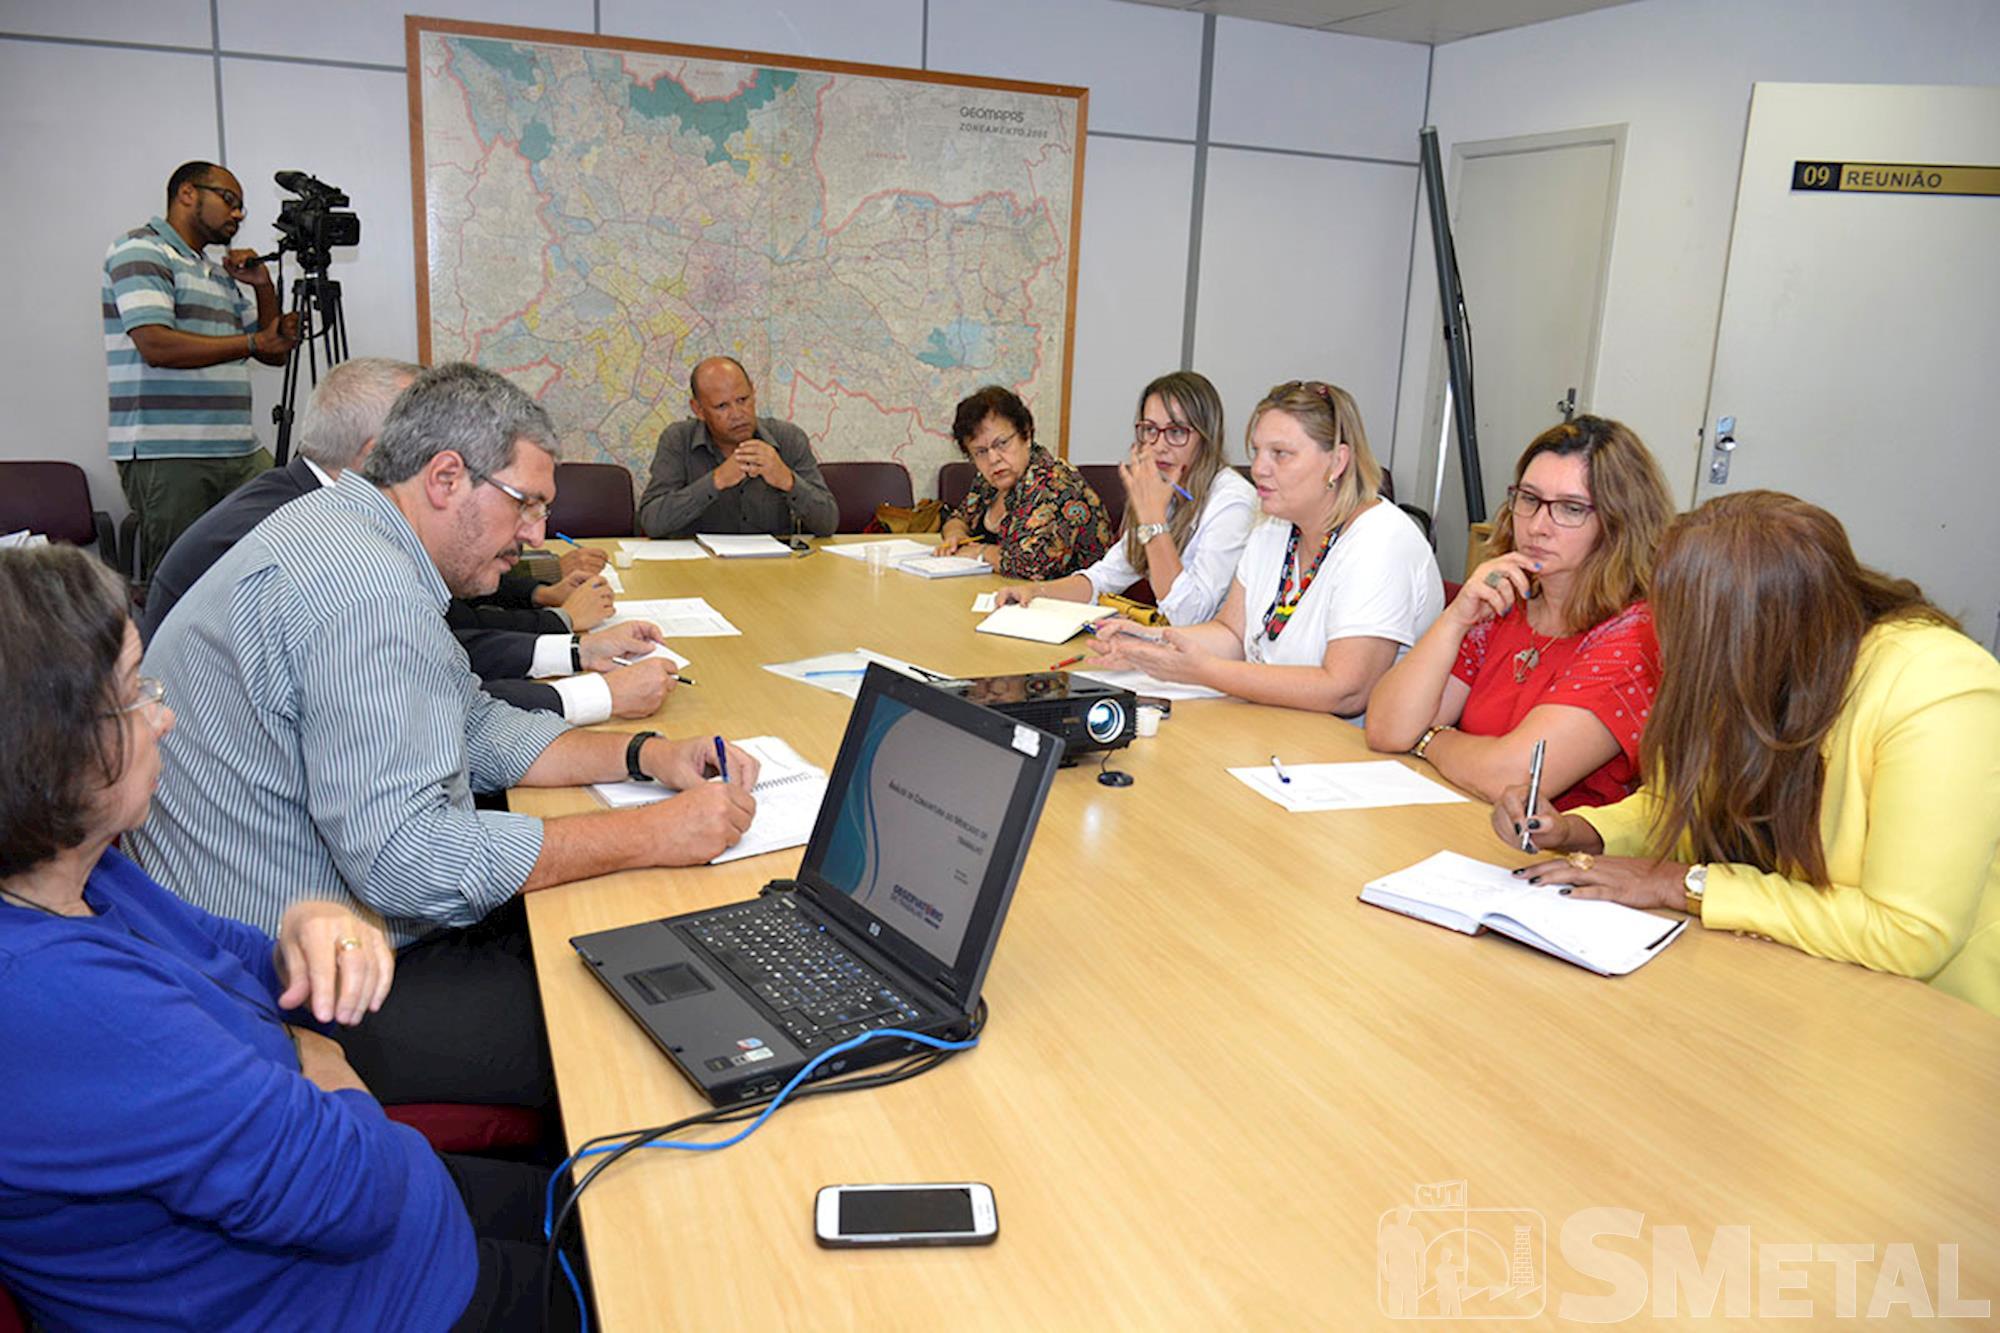 Terto assume presidência da Comissão Municipal de Emprego em São Paulo